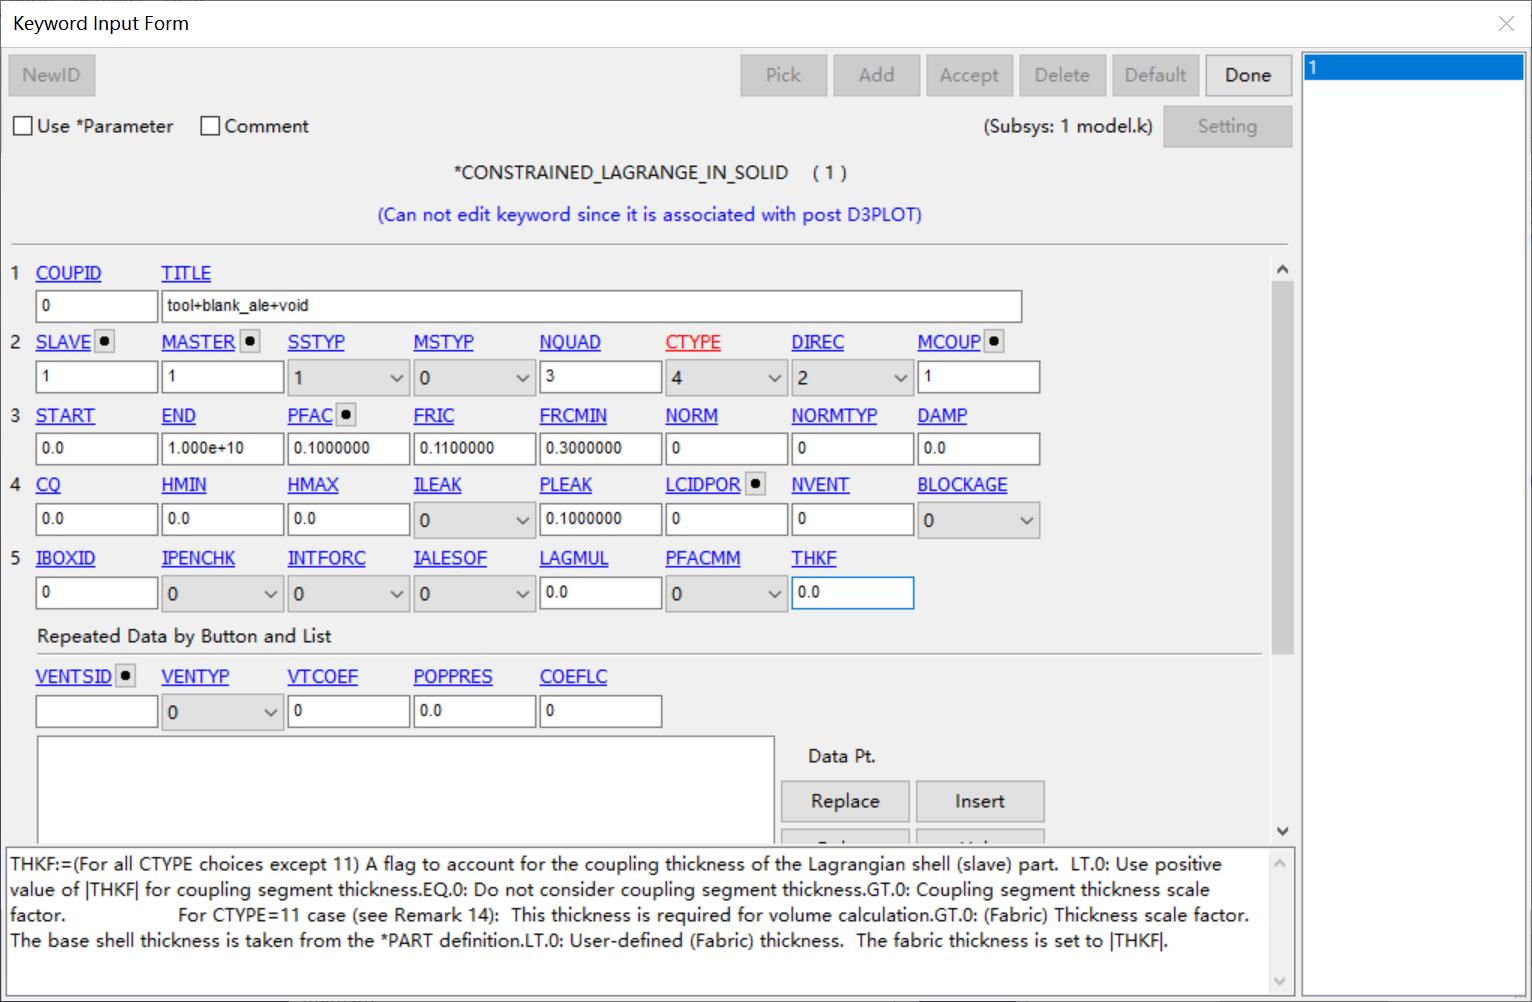 attachments-2020-02-2OEkUpSI5e551f14bf71e.png